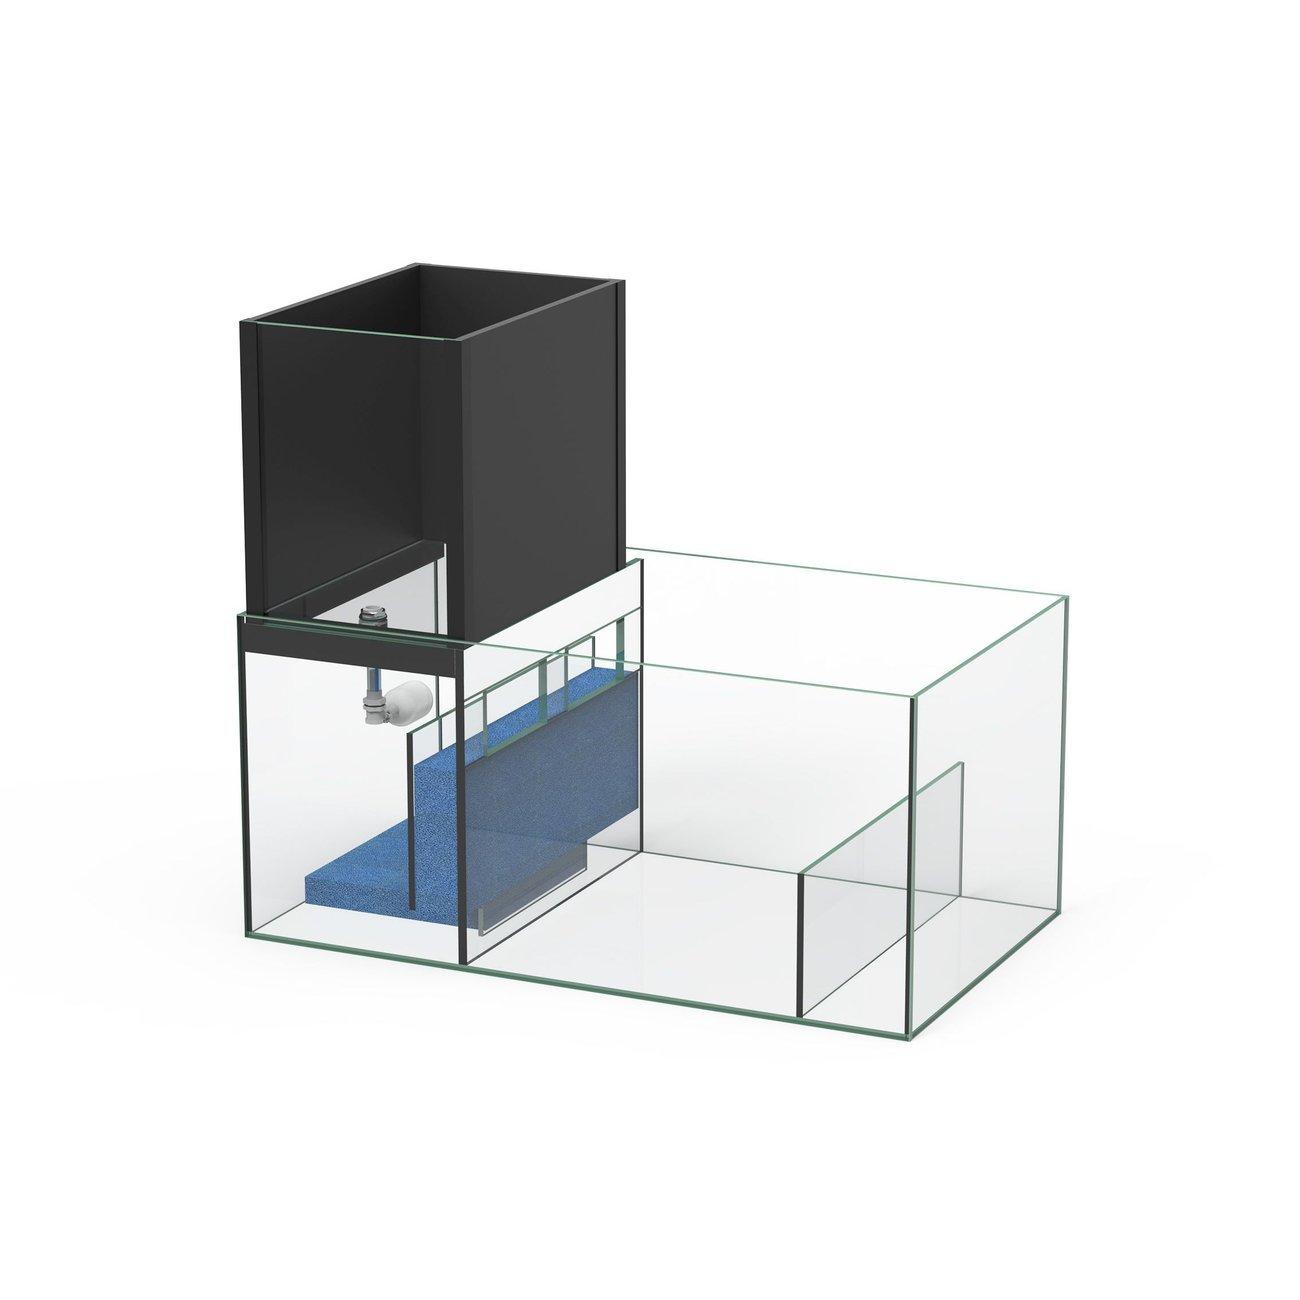 Aquatlantis AquaView 120 mit Unterschrank Bild 6